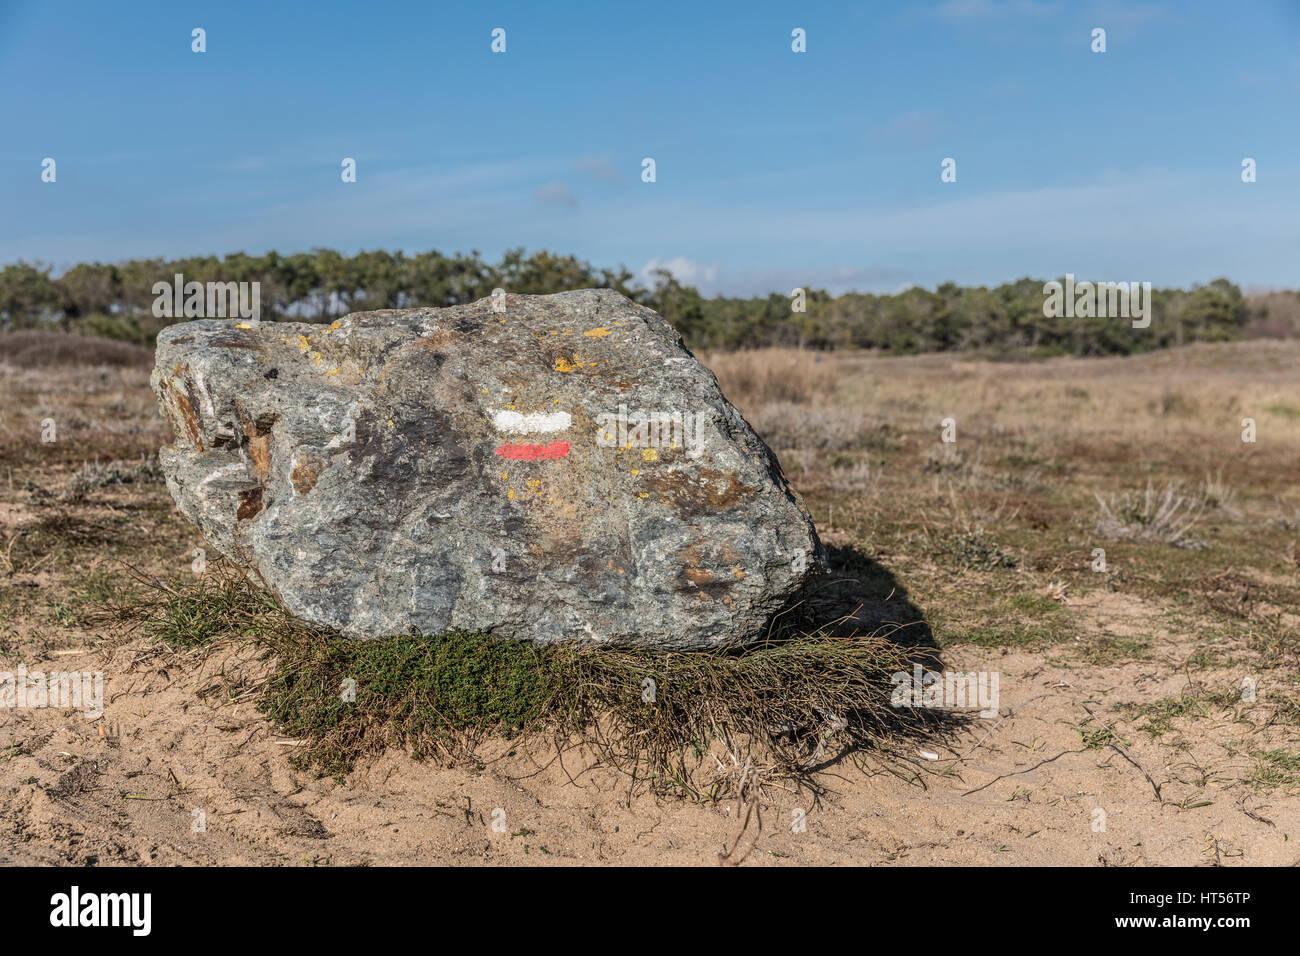 Marca de senderismo 'buen sentido' de pintura sobre roca en Bretignolles-sur-mer dunas Imagen De Stock